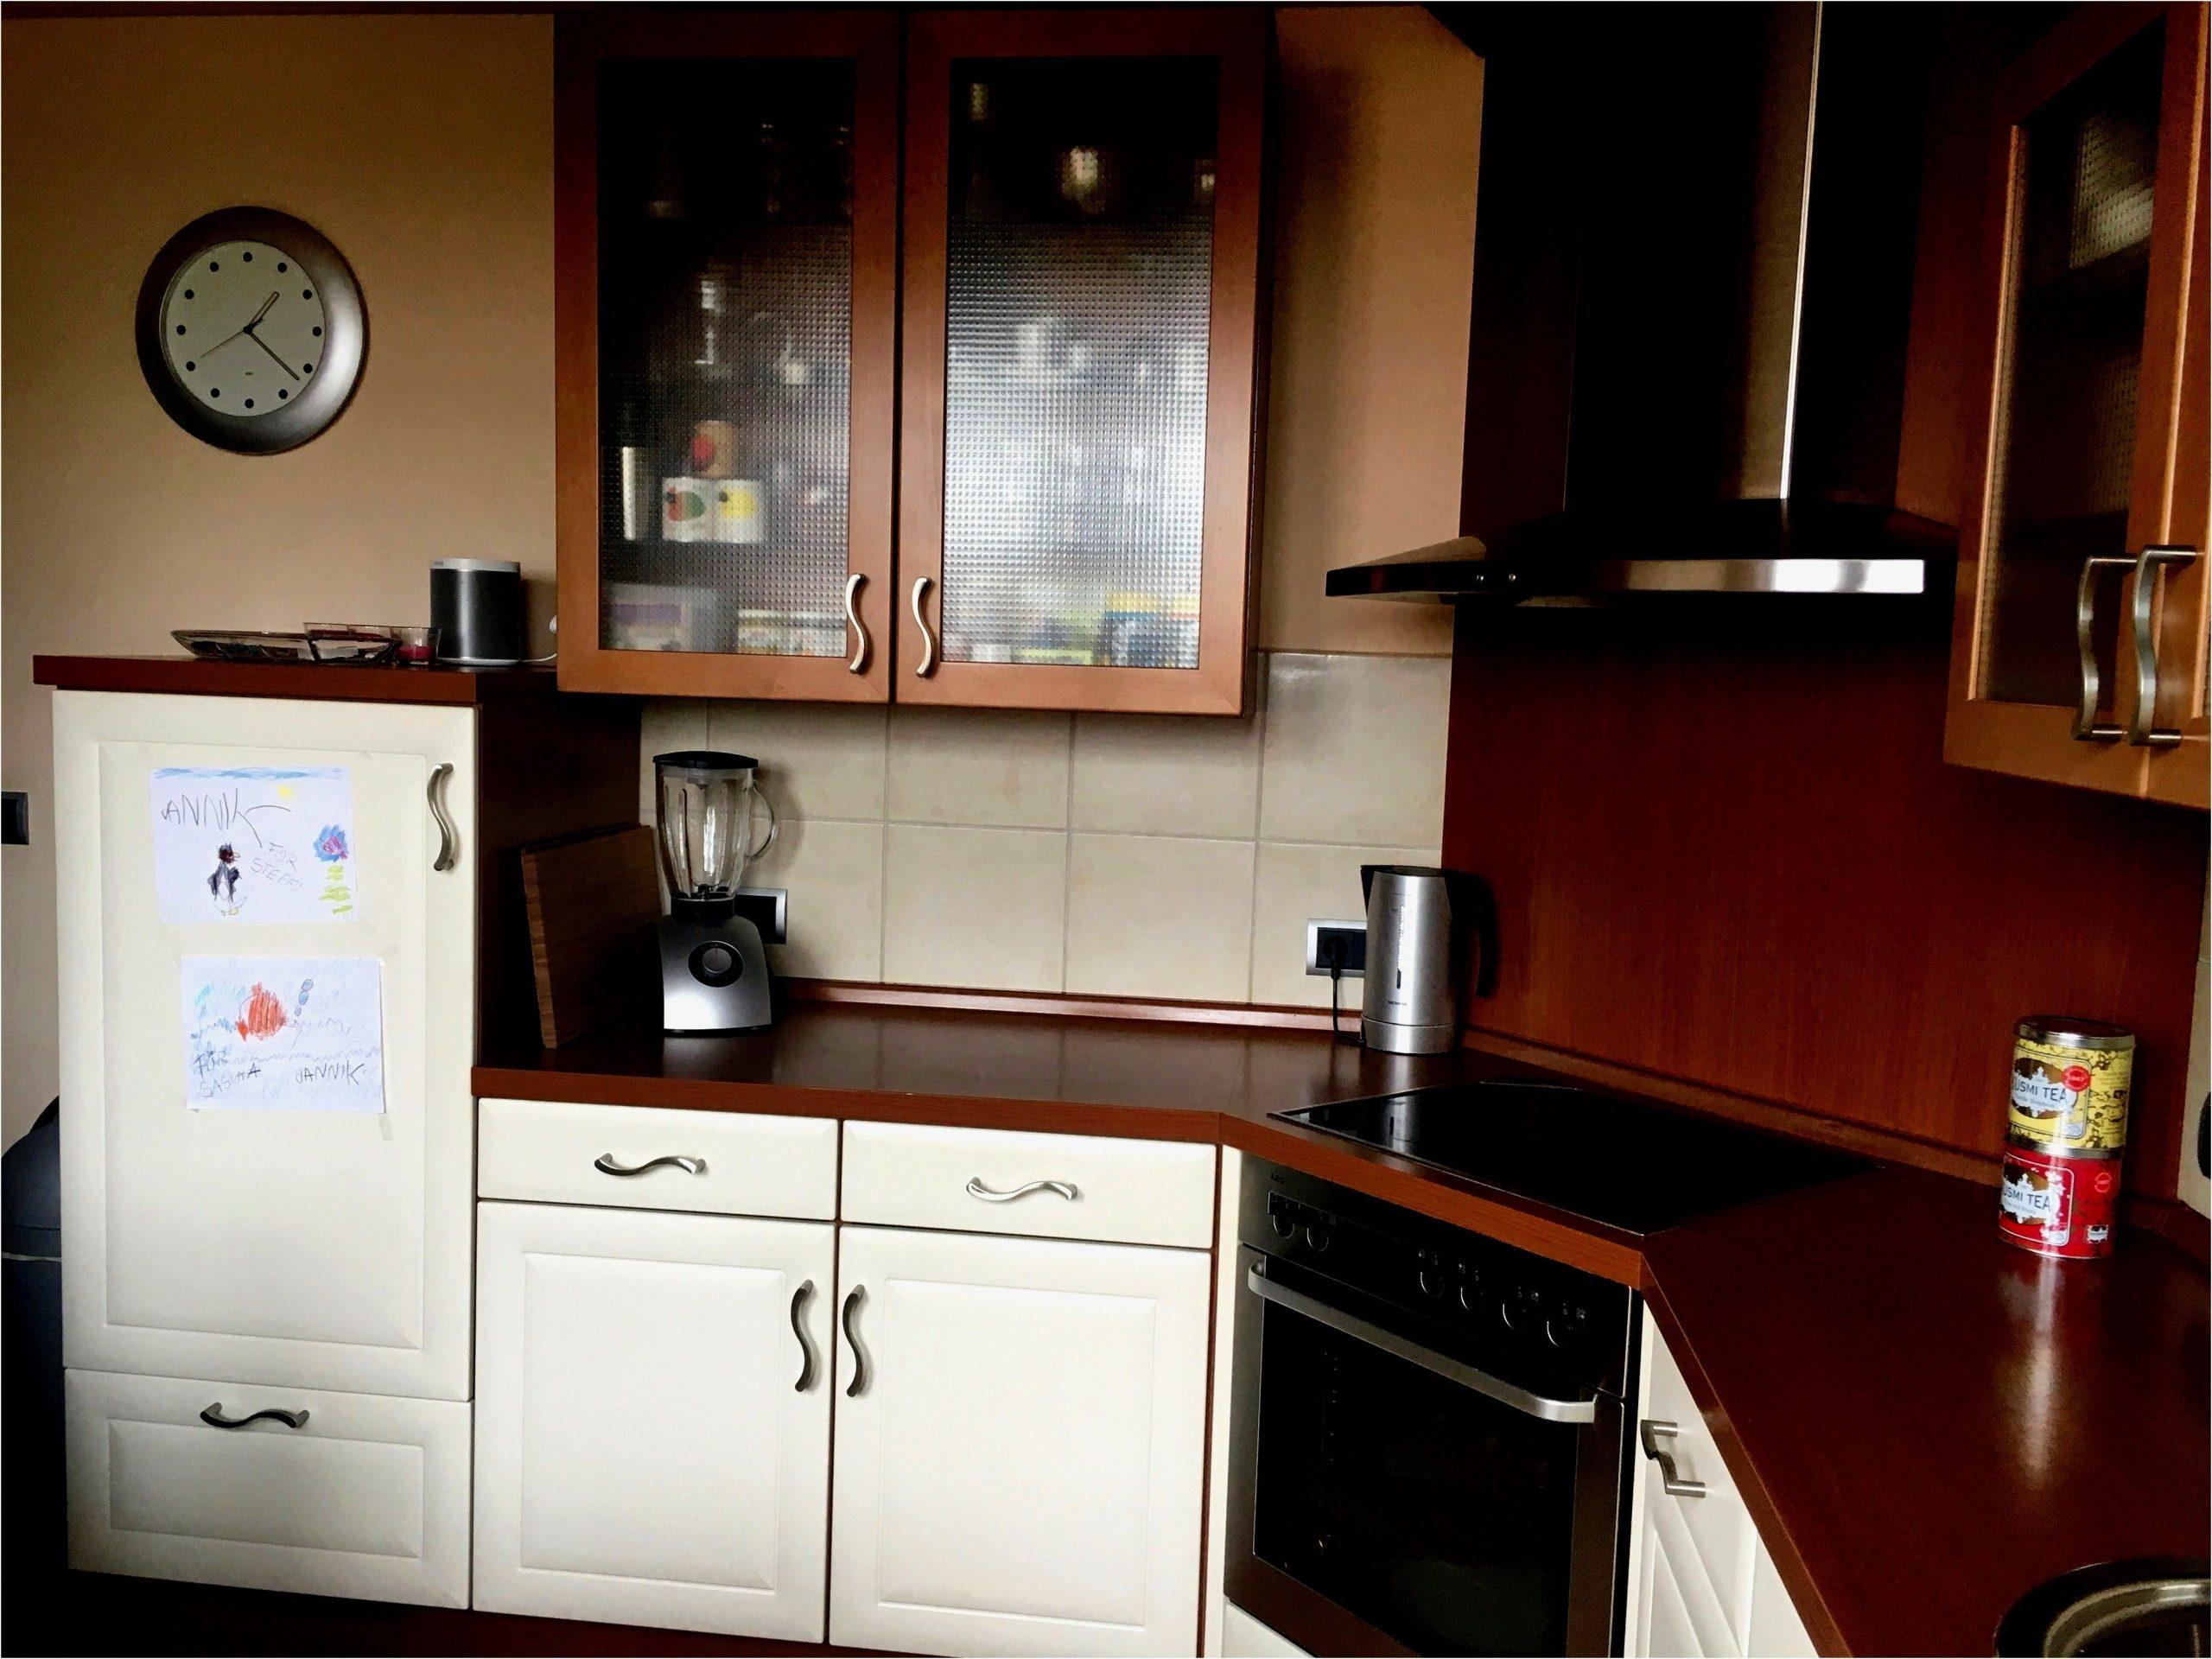 Full Size of Küche Gebraucht Kaufen Alno Eiche Mit Insel Wandpaneel Glas Günstig Elektrogeräten Betonoptik Selbst Zusammenstellen Gebrauchte Verkaufen Bodenbelag Alte Wohnzimmer Küche Gebraucht Kaufen